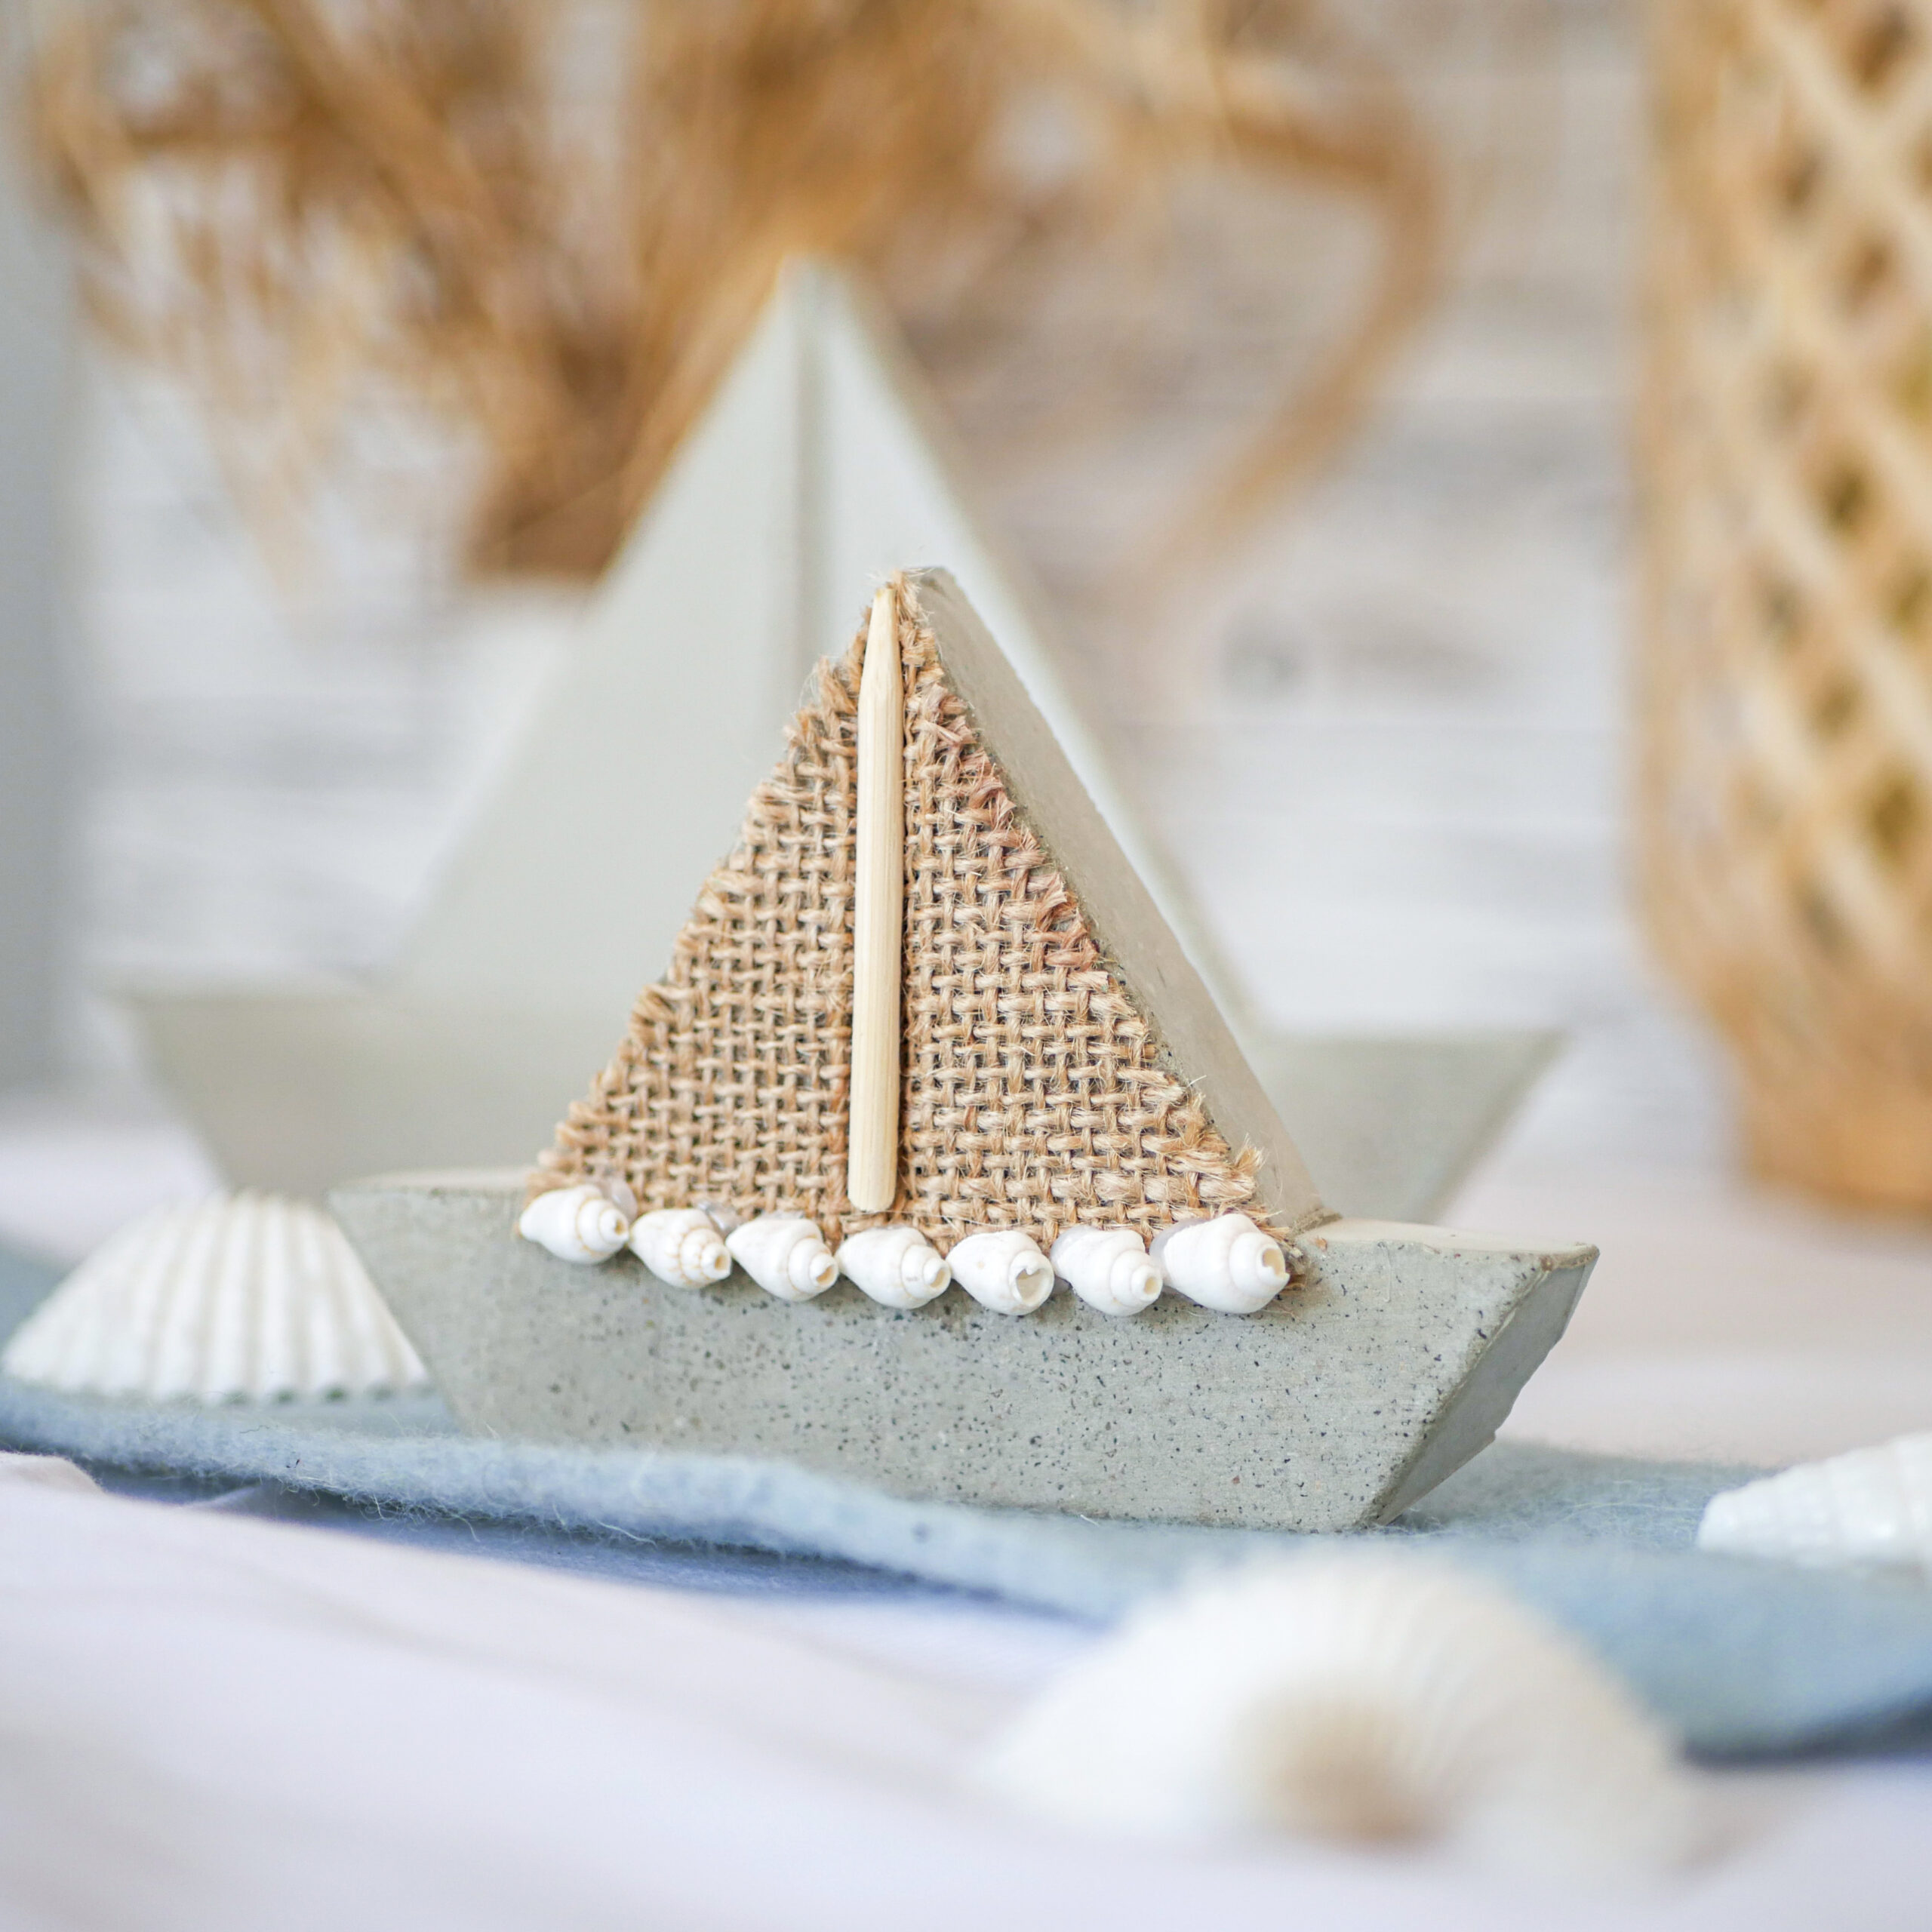 DIY Beton Segelboot Schritt 6: Mit Muscheln, Jute und Holz dekorieren.